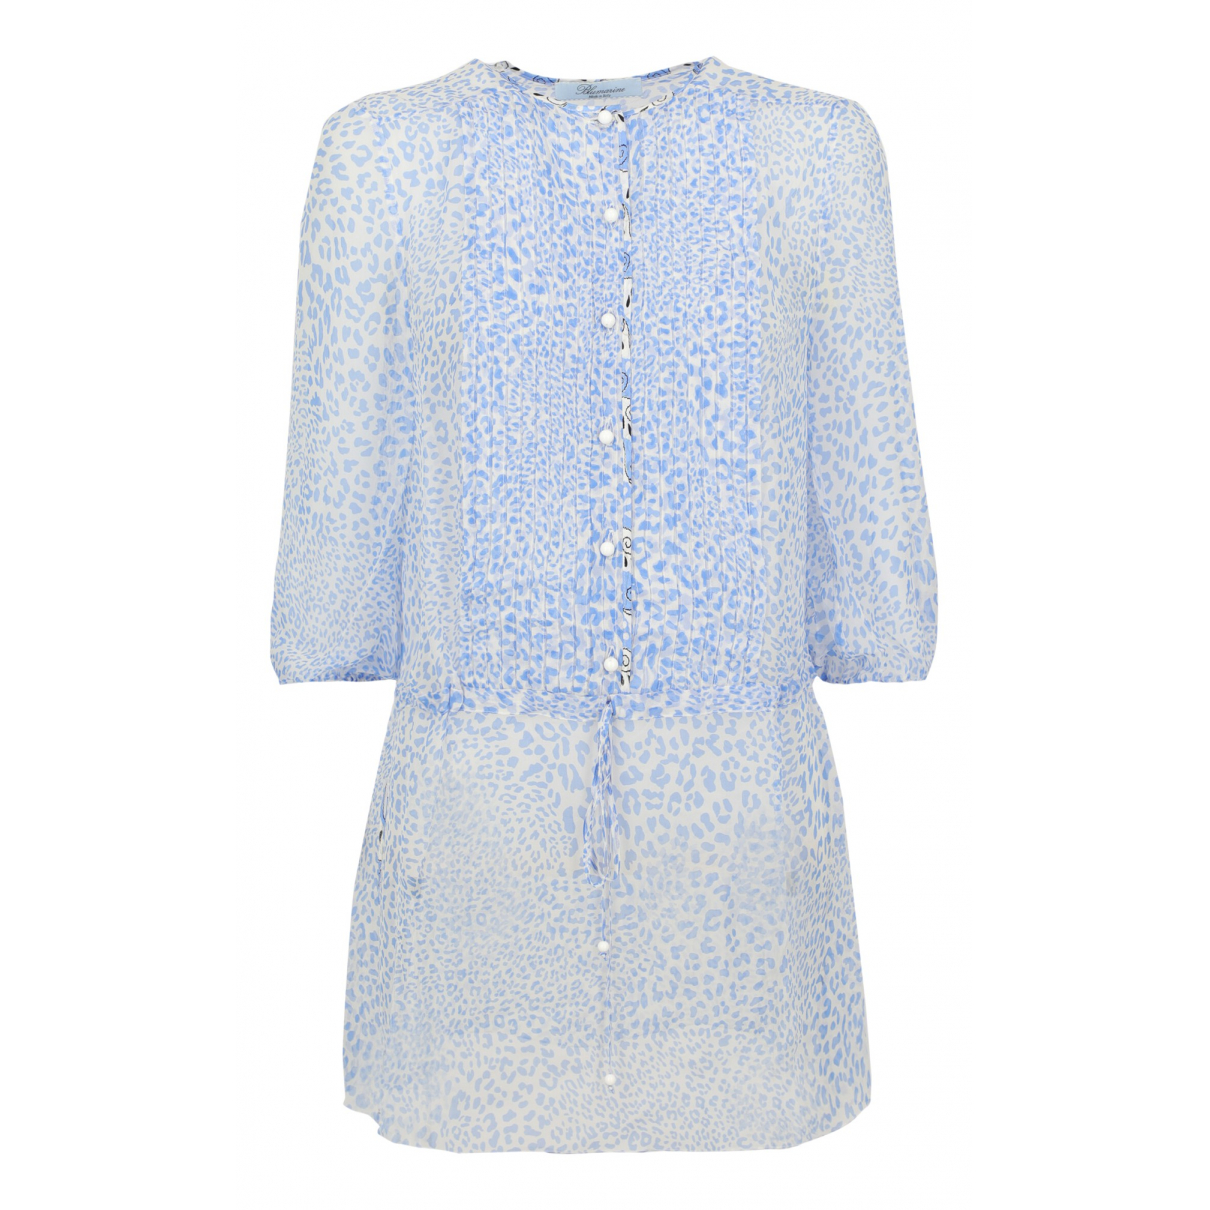 Blumarine - Top   pour femme en soie - bleu